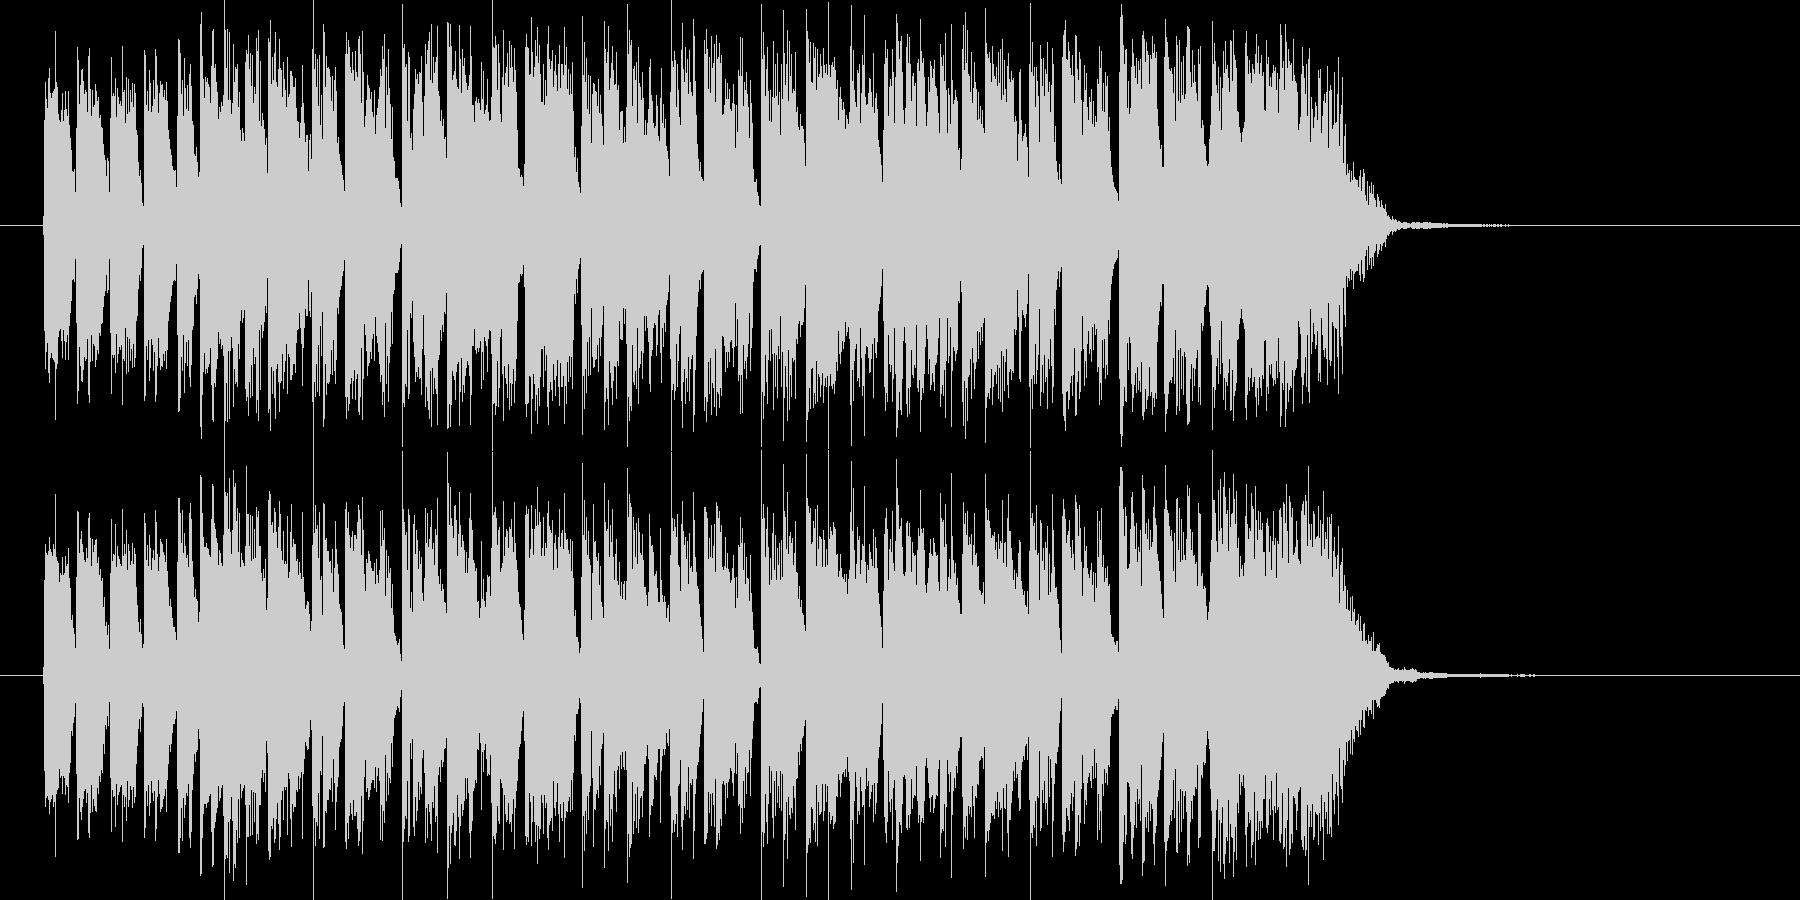 ディスコ調のテクノポップスのジングルの未再生の波形